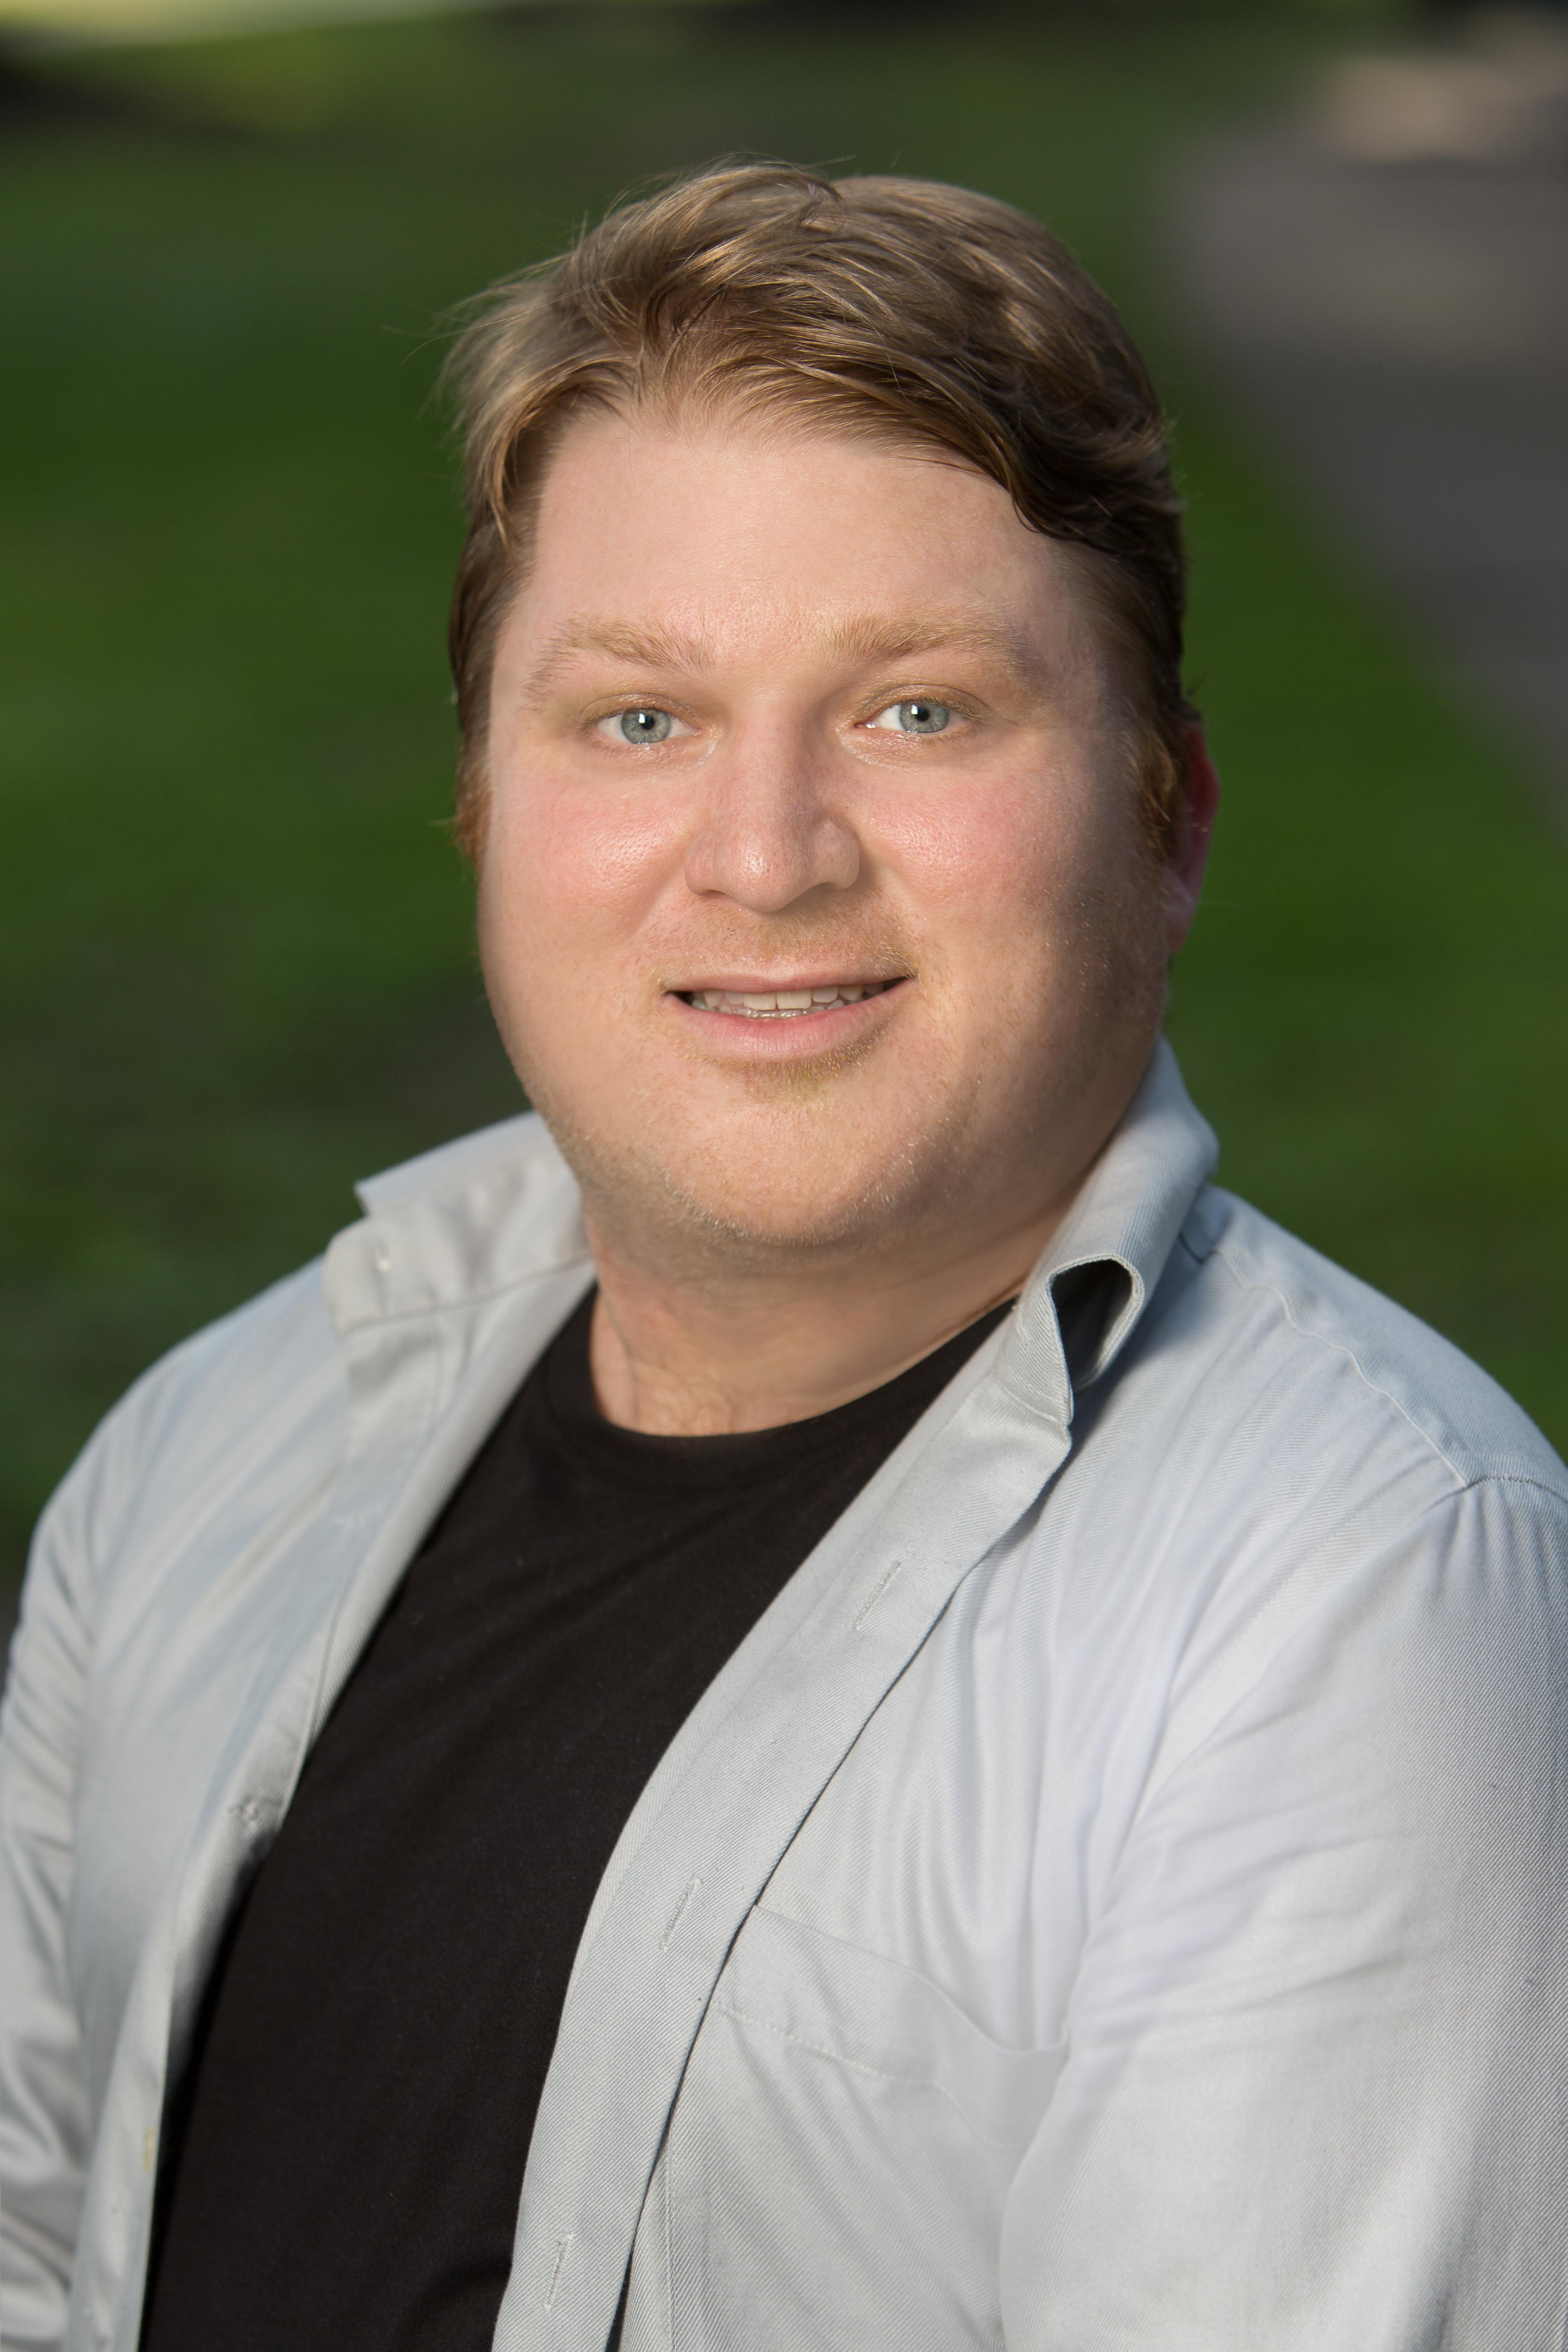 Cody Brumfield